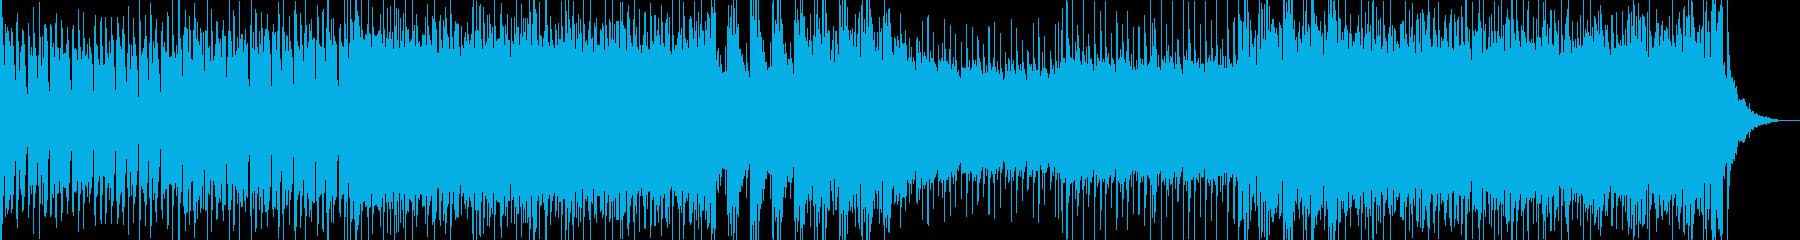 シリアスなシーン向けのヘヴィロックの再生済みの波形